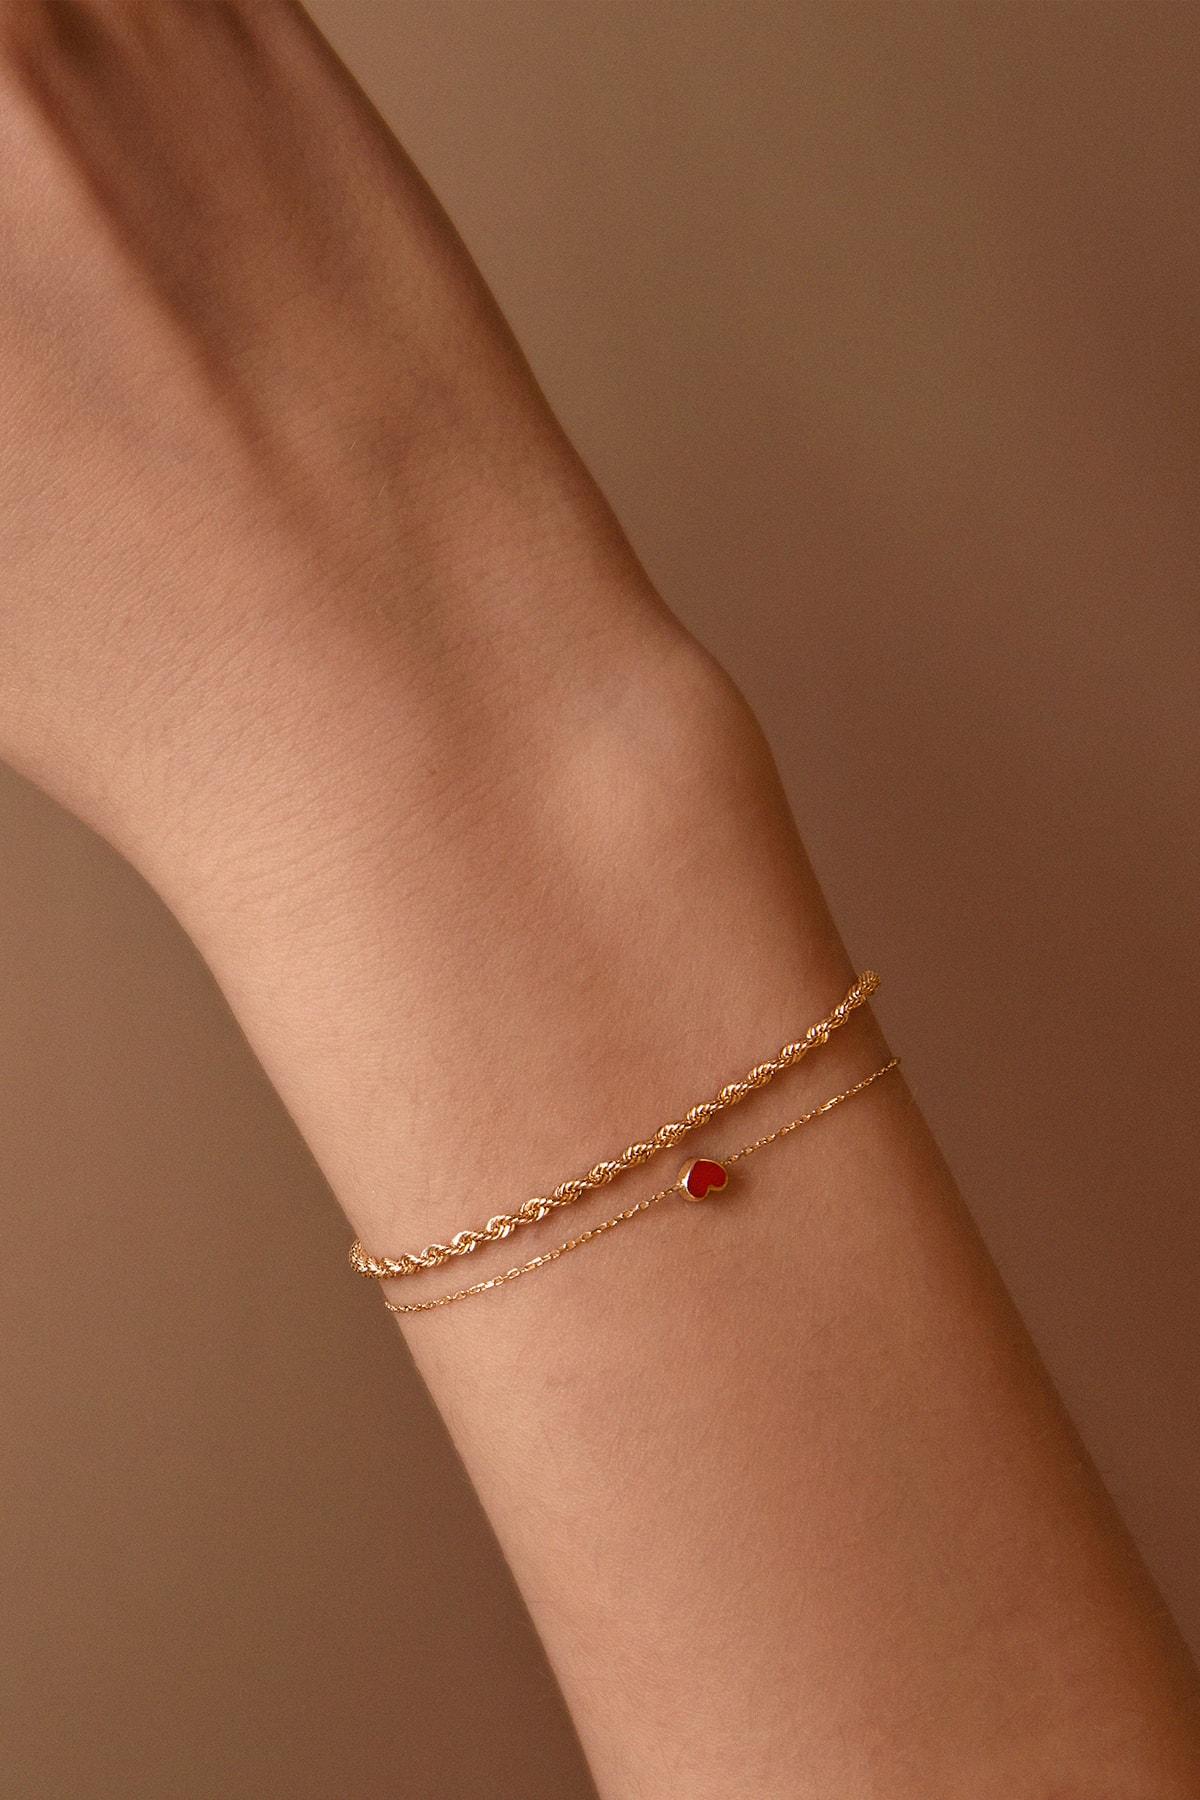 Gelin Pırlanta 14 Ayar Altın Mini Kırmızı Kalp Bileklik 2